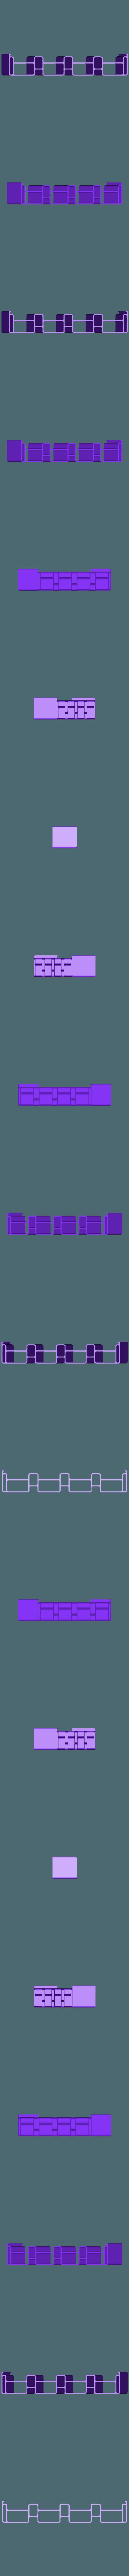 RigidBoard_Support_v1-1.STL Télécharger fichier STL gratuit Support de la carte mère RigidBot • Design pour imprimante 3D, WalterHsiao